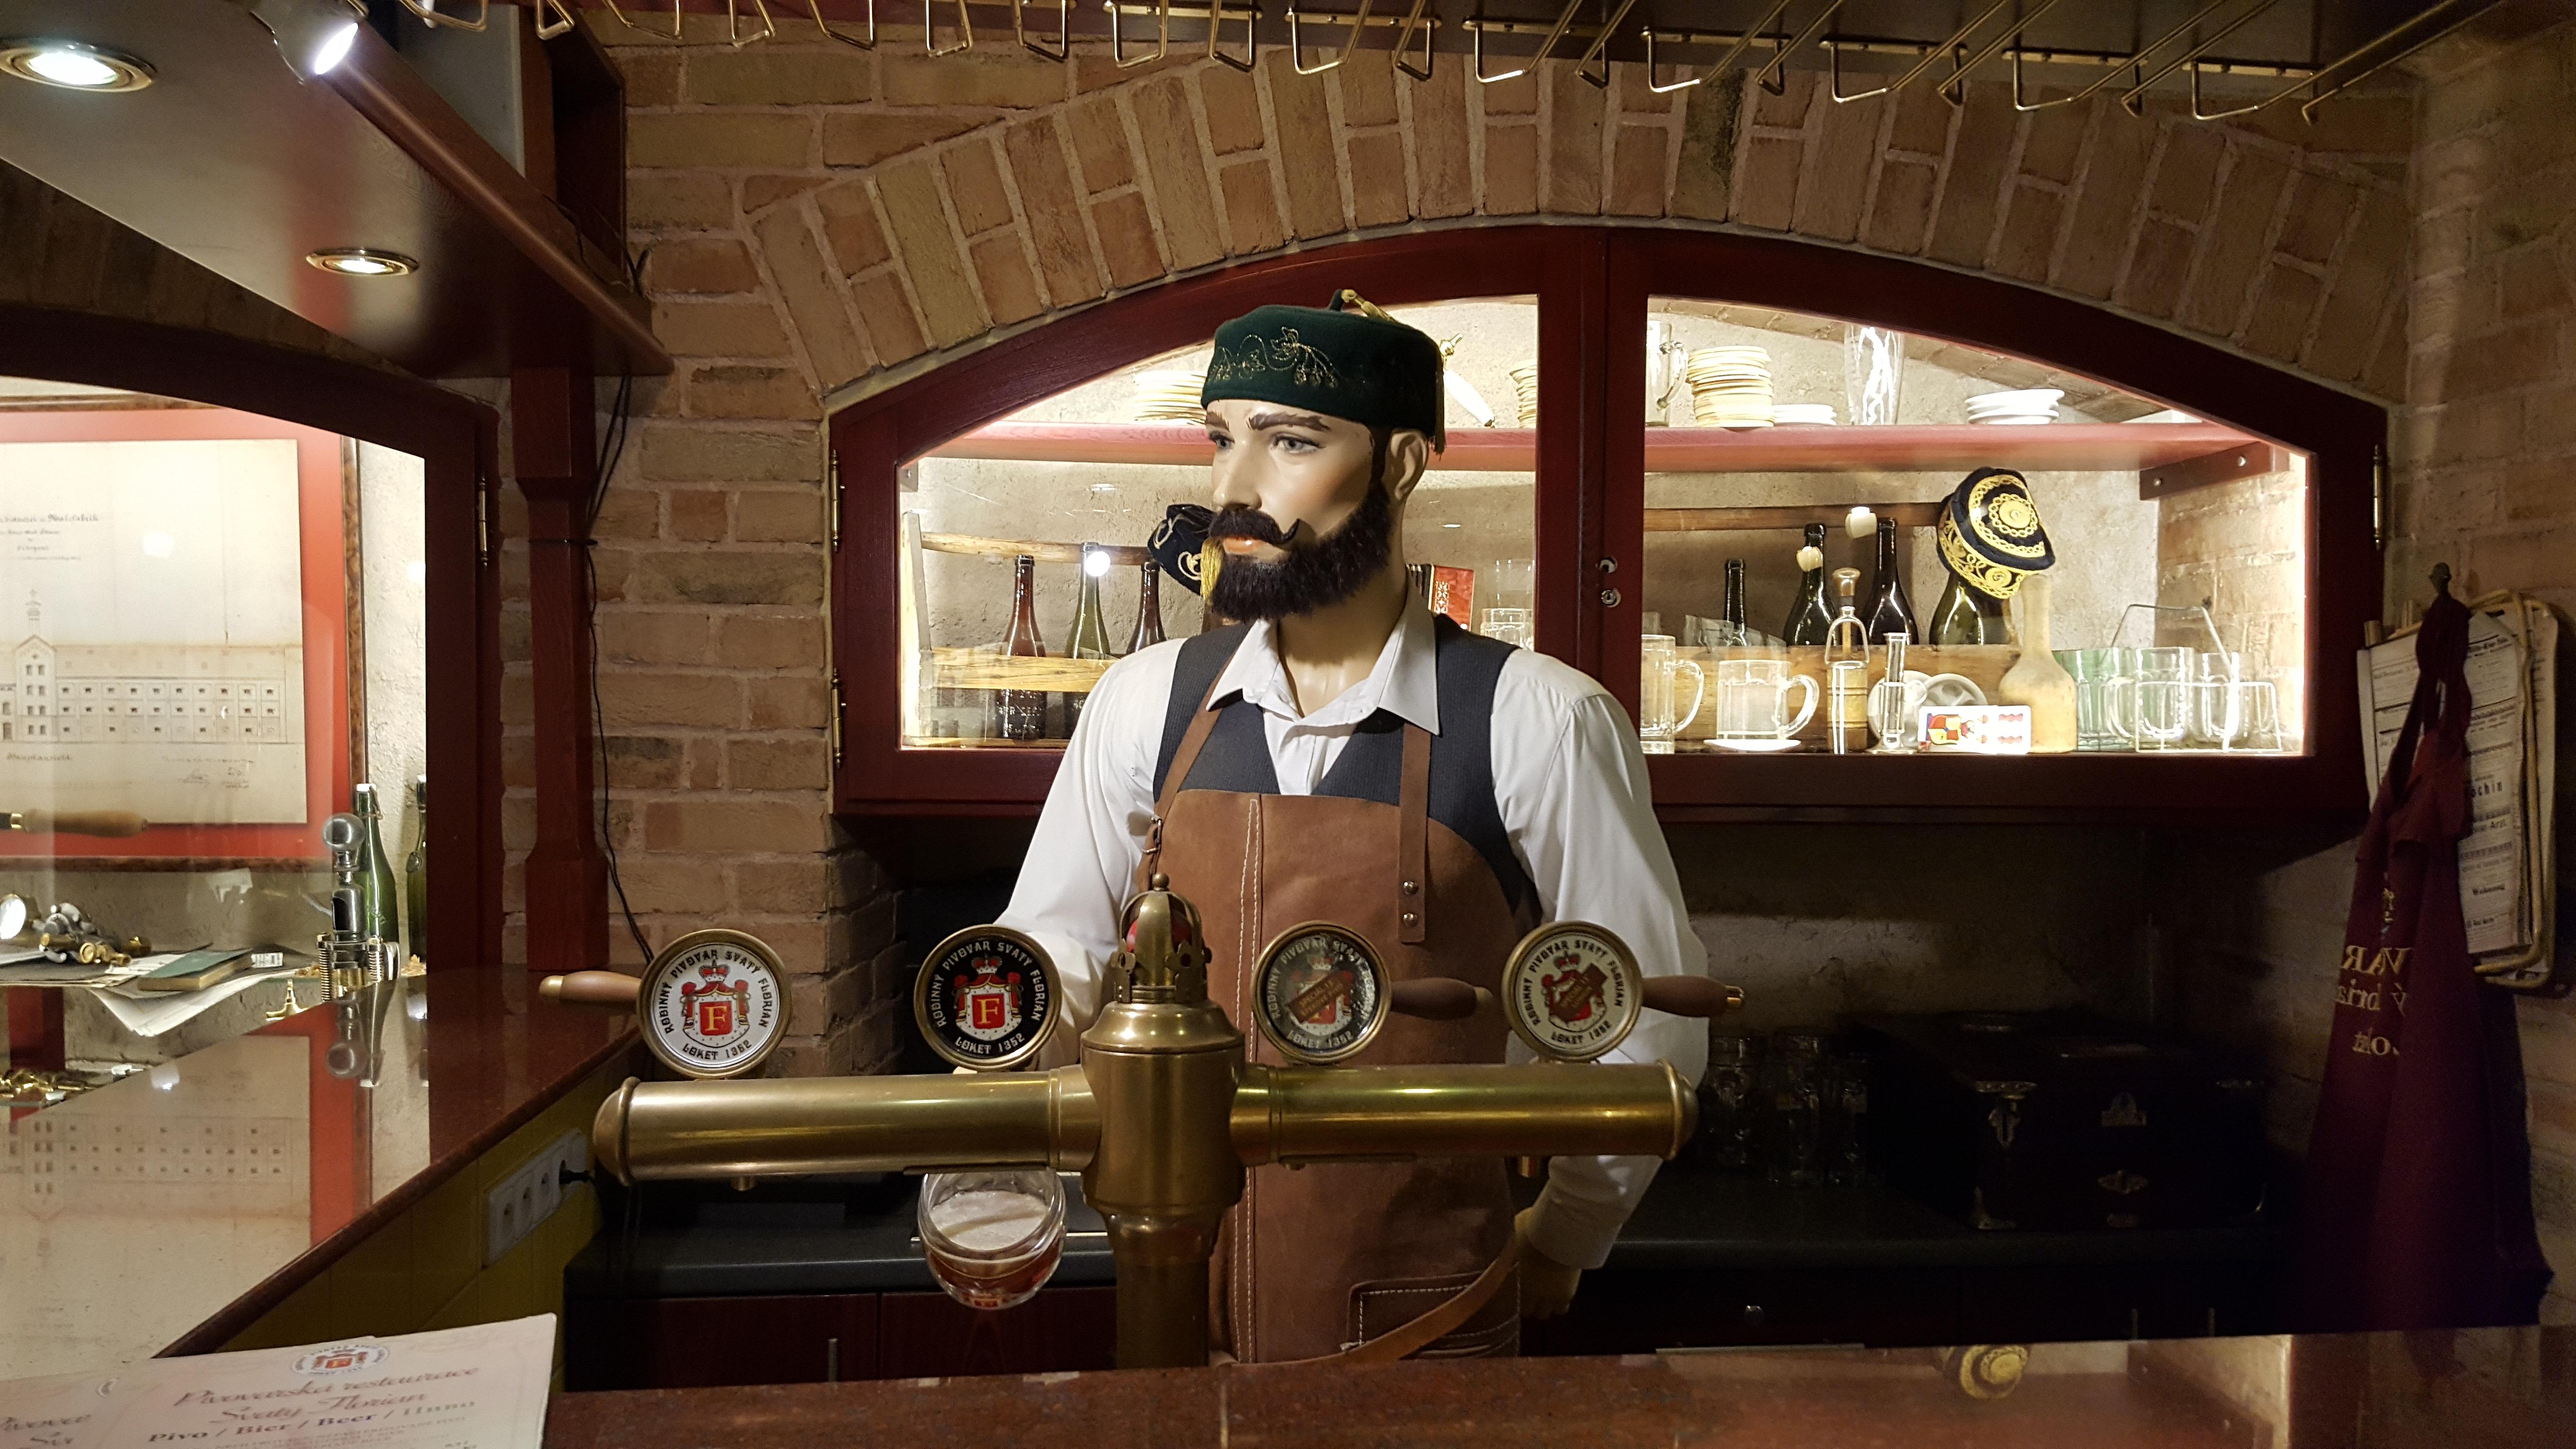 Svatý Florian, joya de la tradición cervecera checa